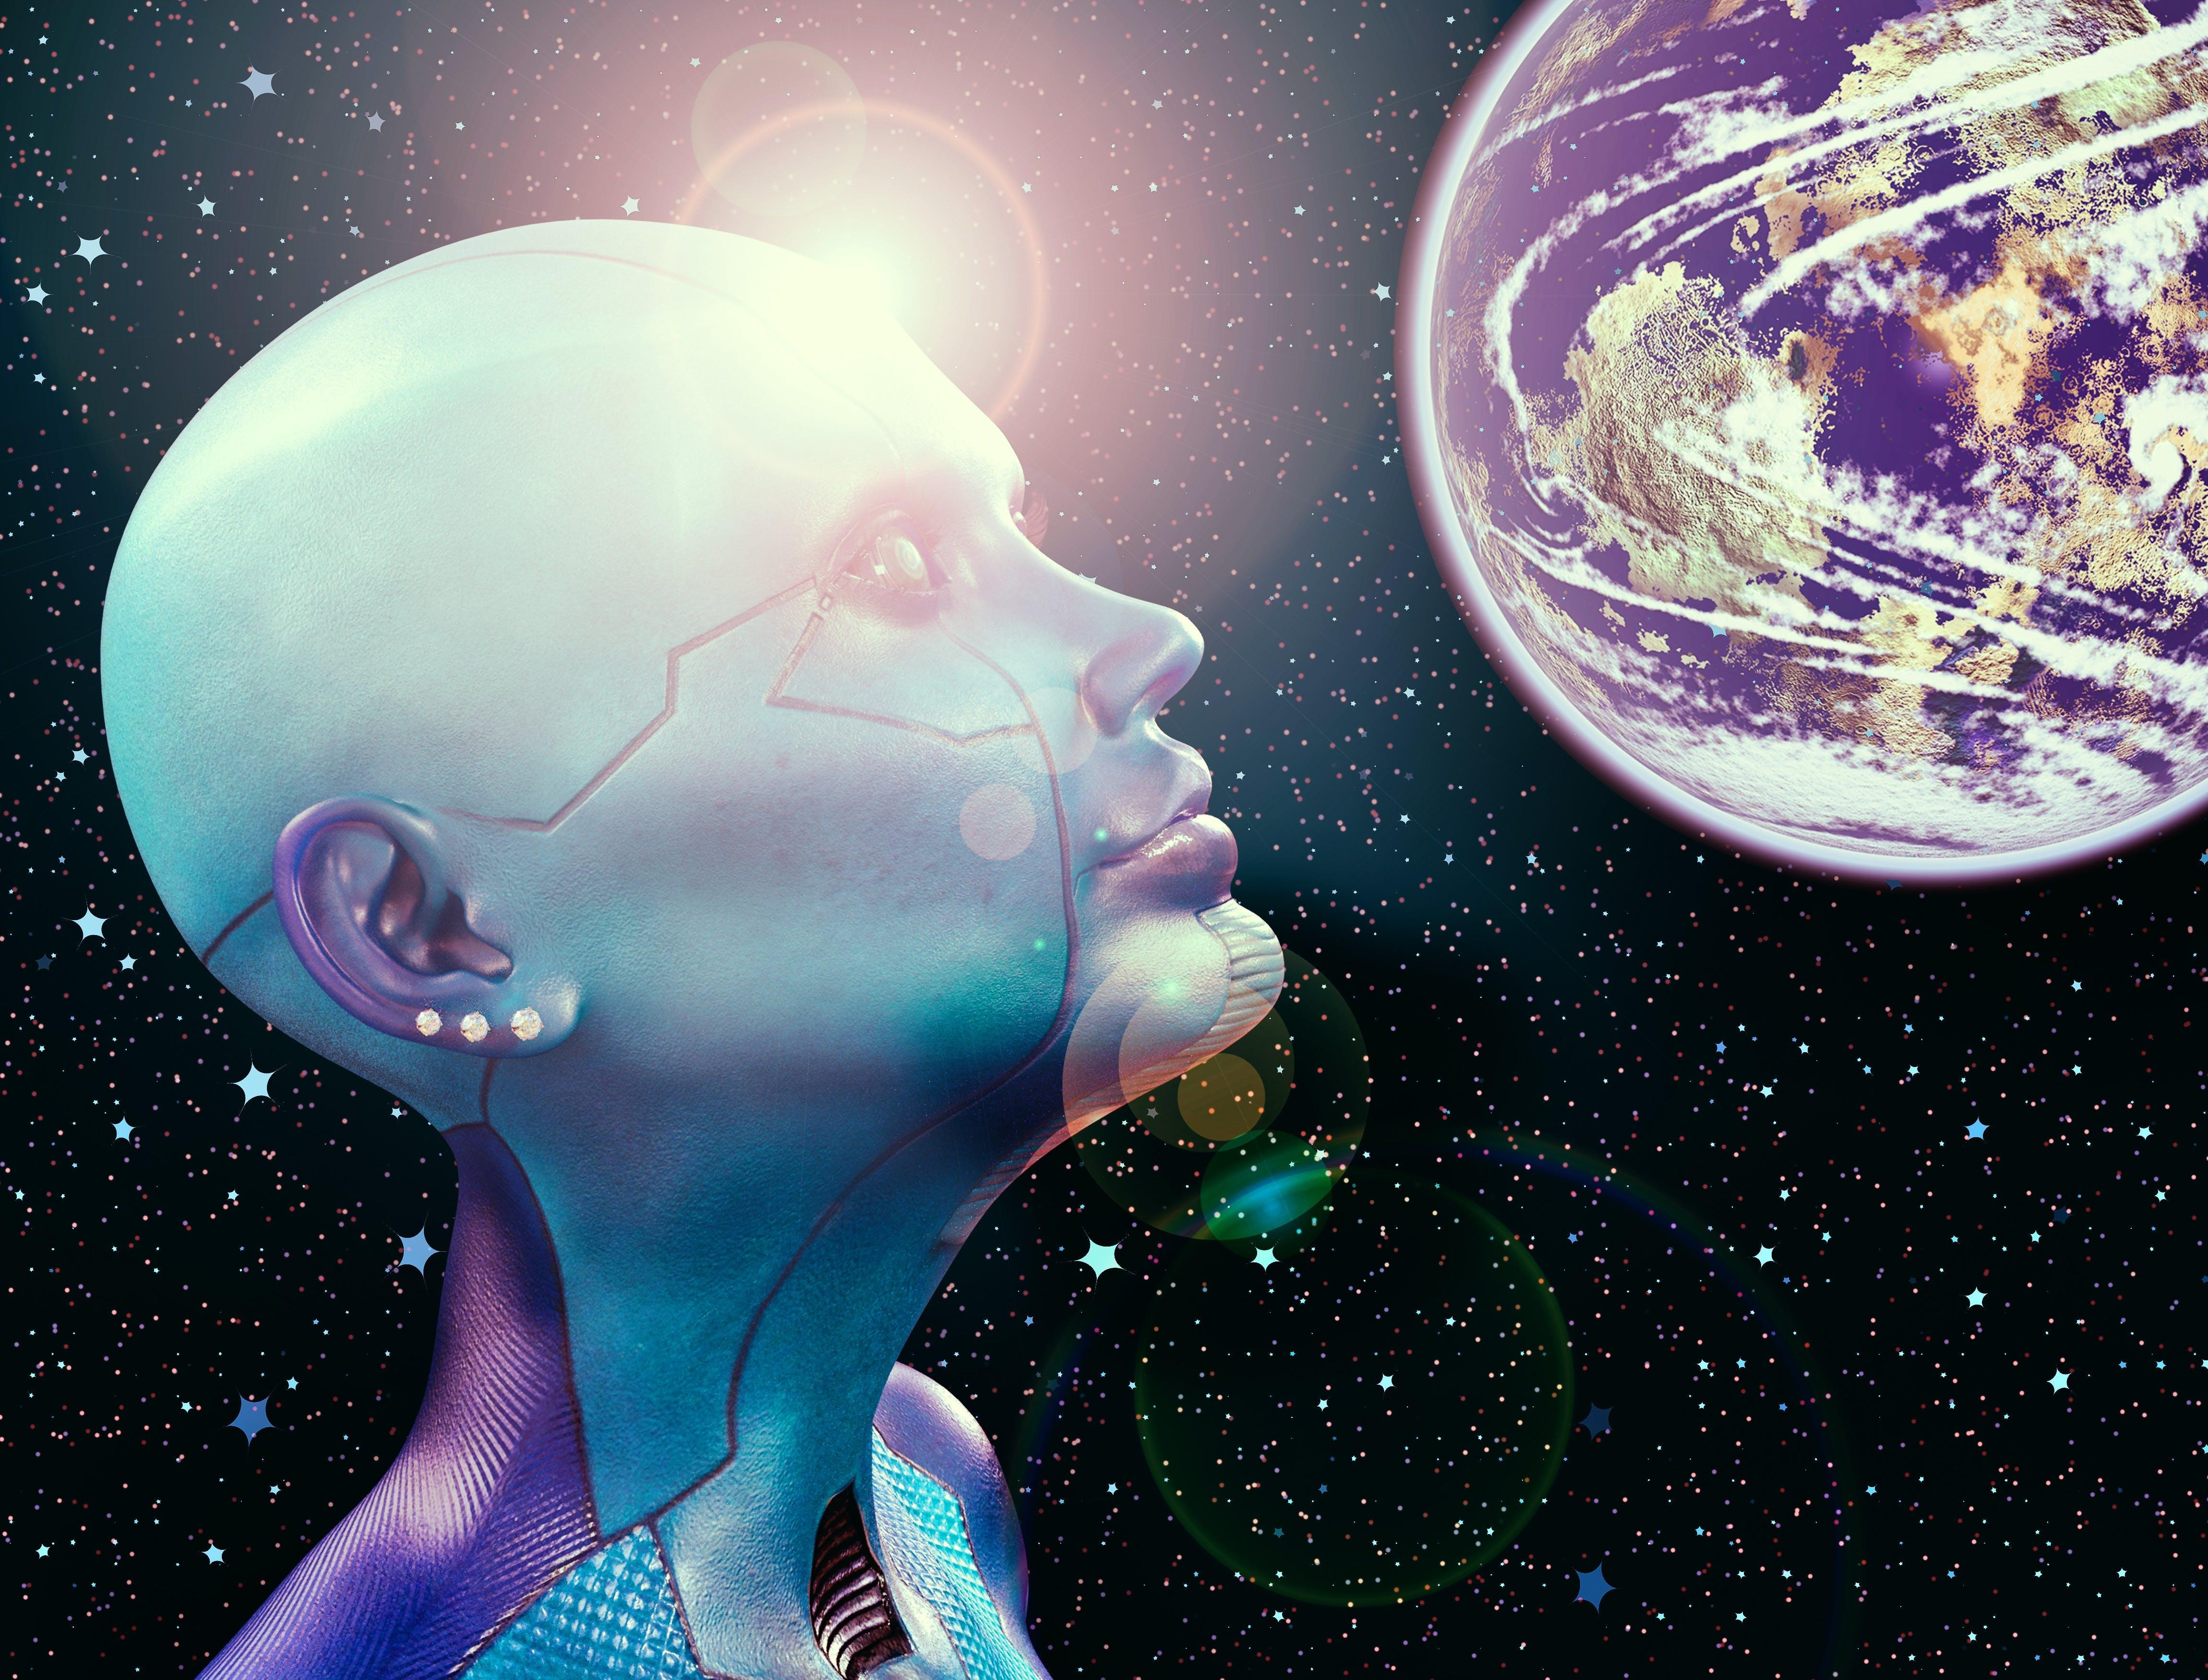 Titelbild-KI-Europa-Künstliche-Intelligenz-Welt-Vernetzung-virtuell-pixabay-3996333-kalhh